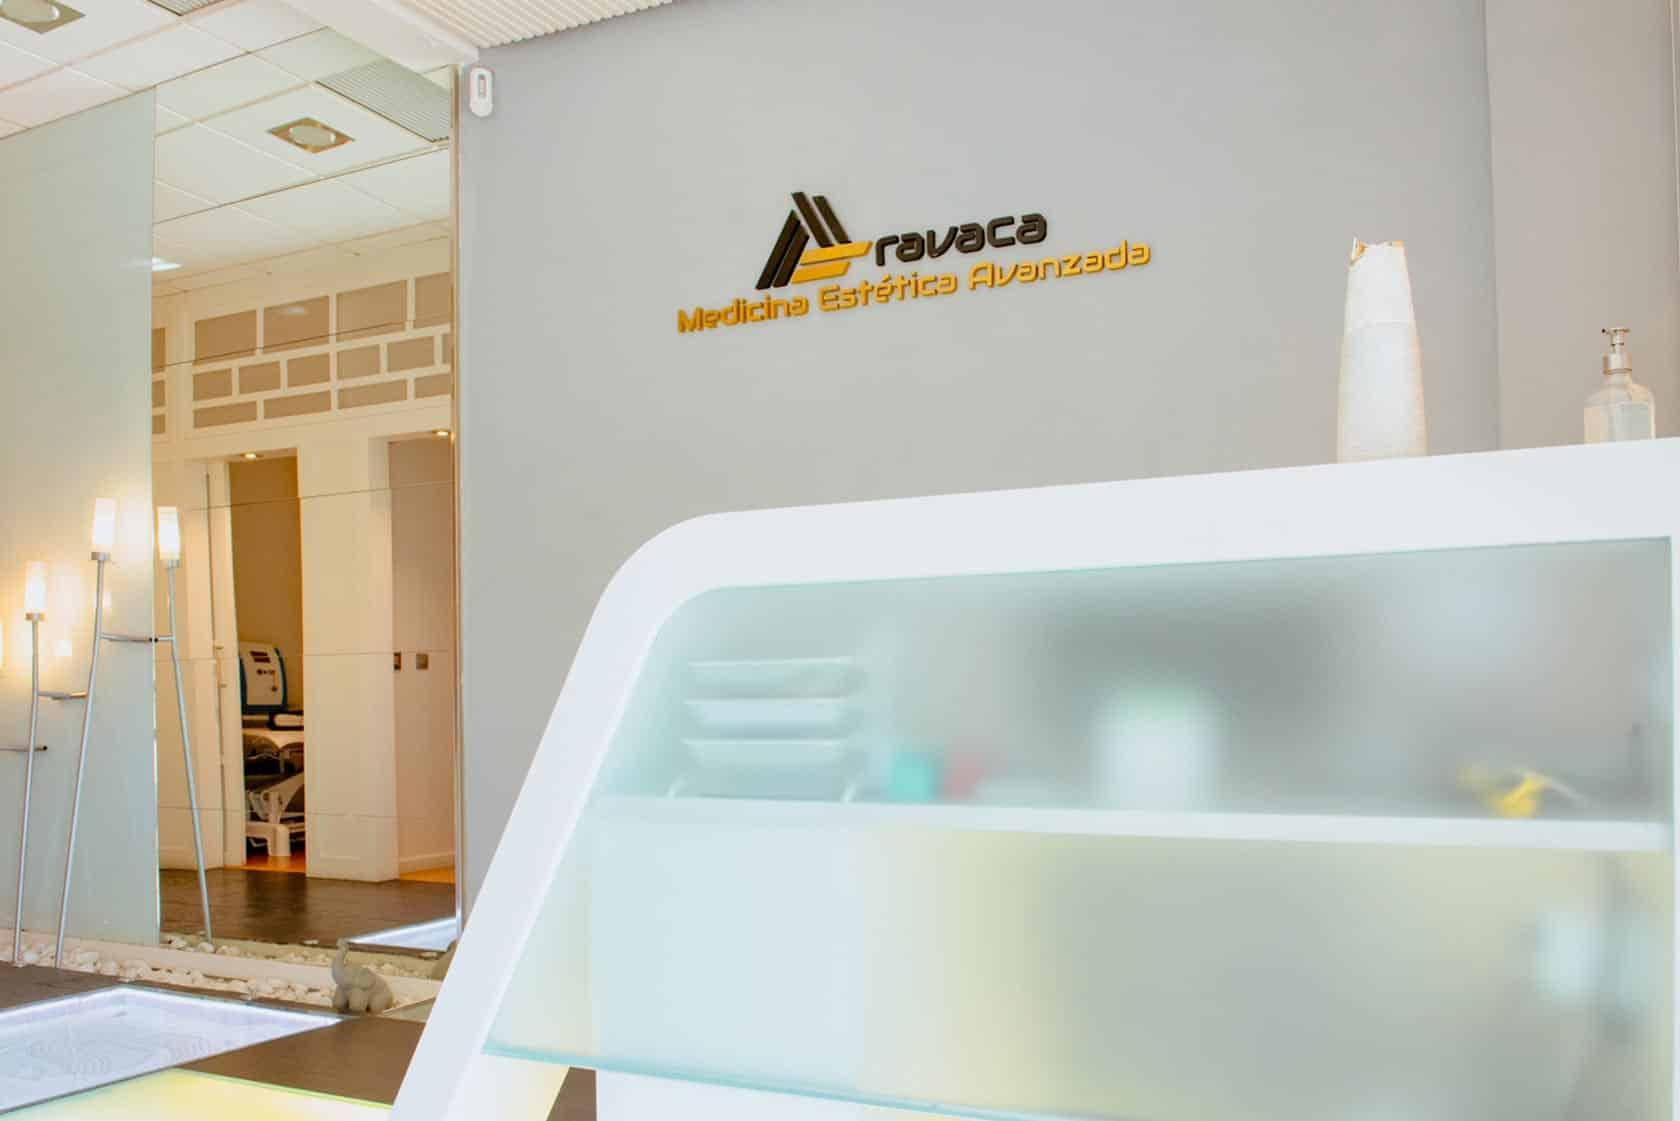 Hall Aravaca Medicina Estética